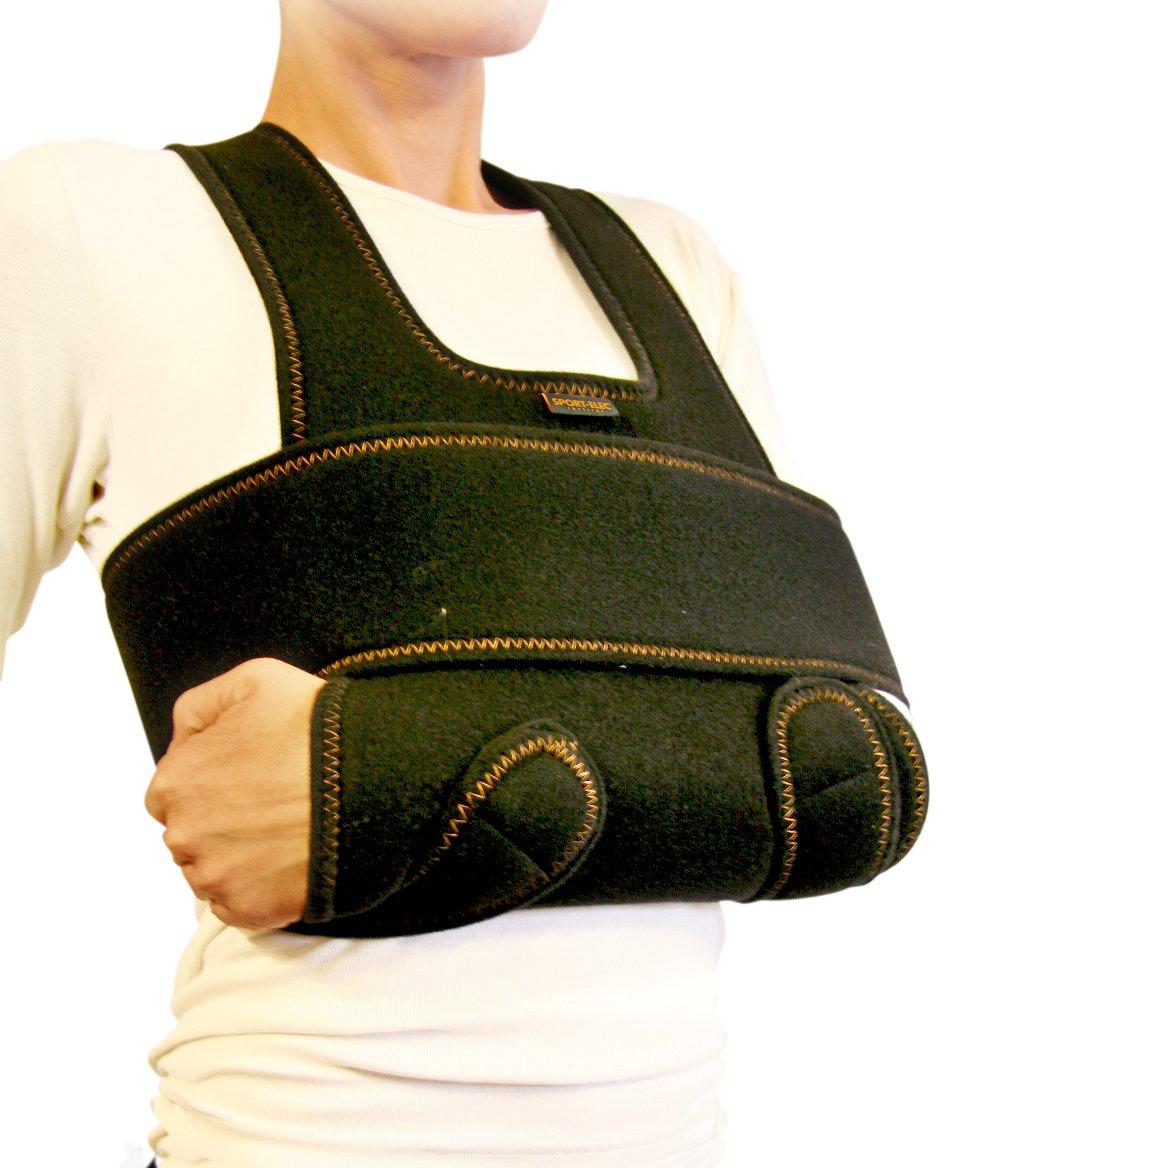 Sport-Elec ARM302M - Tablilla de inmovilización del brazo, talla M